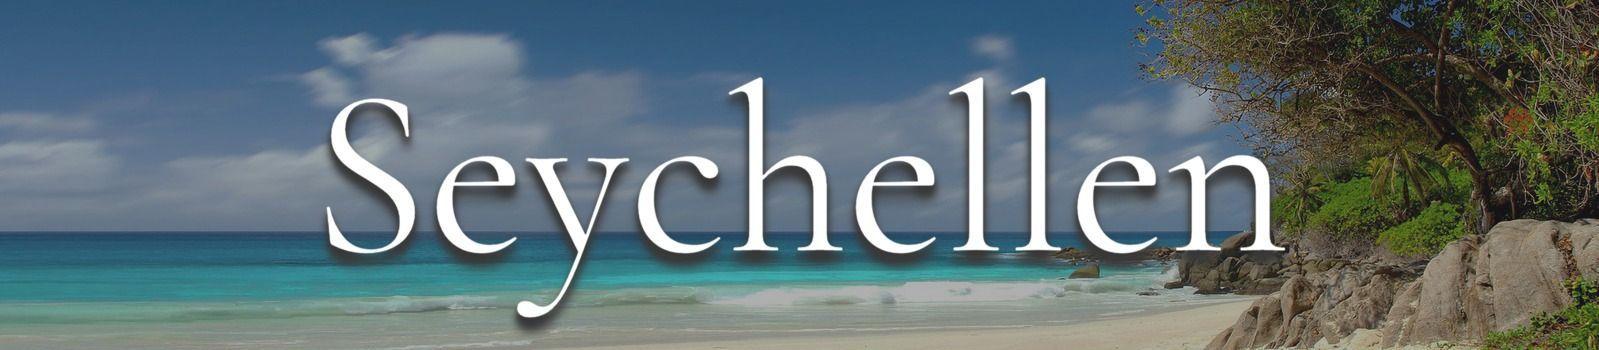 Seychellen Banner